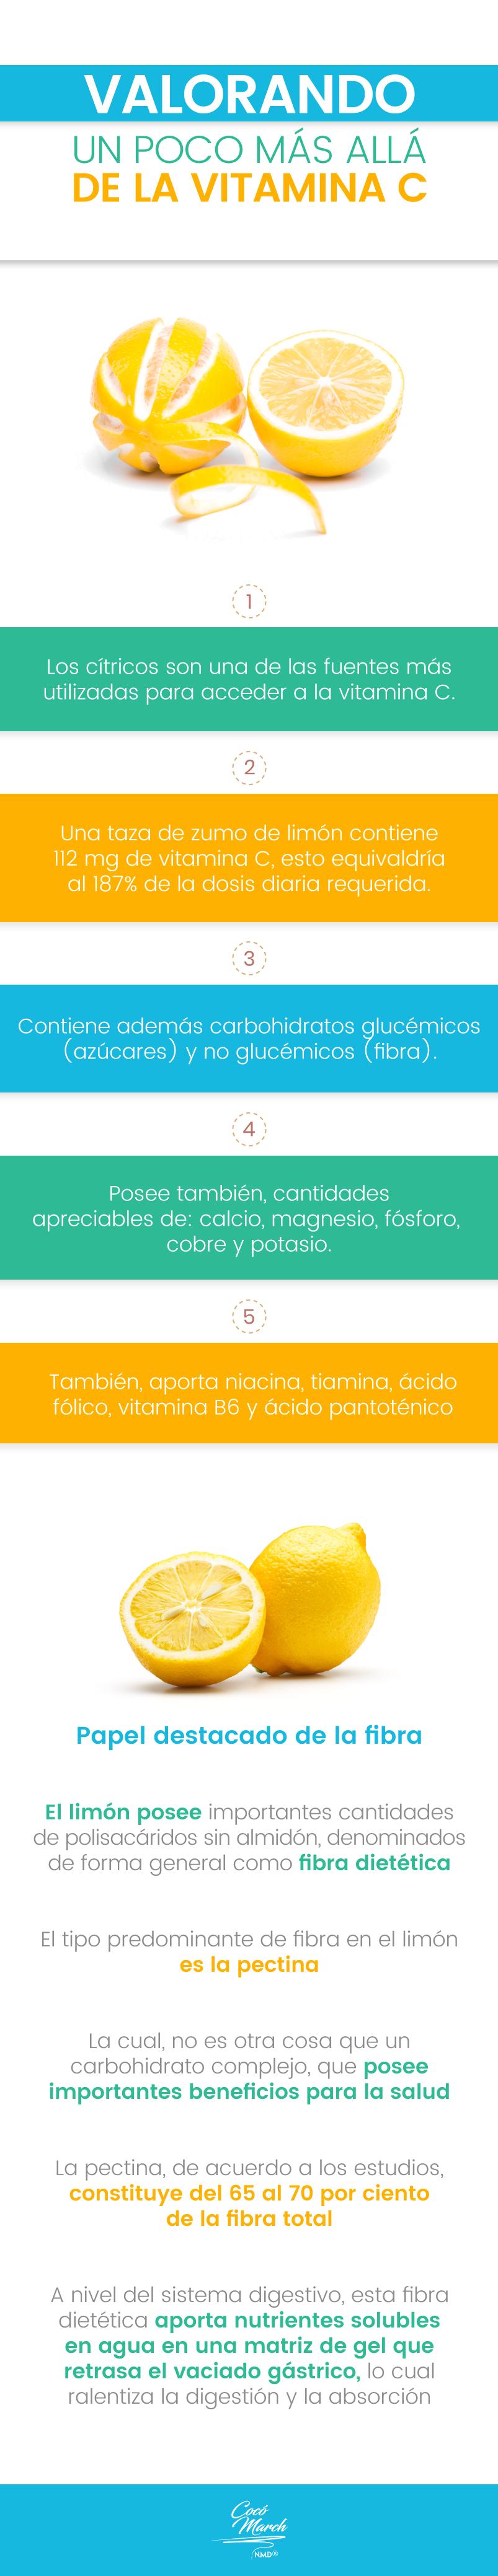 valor-de-la-vitamina-c